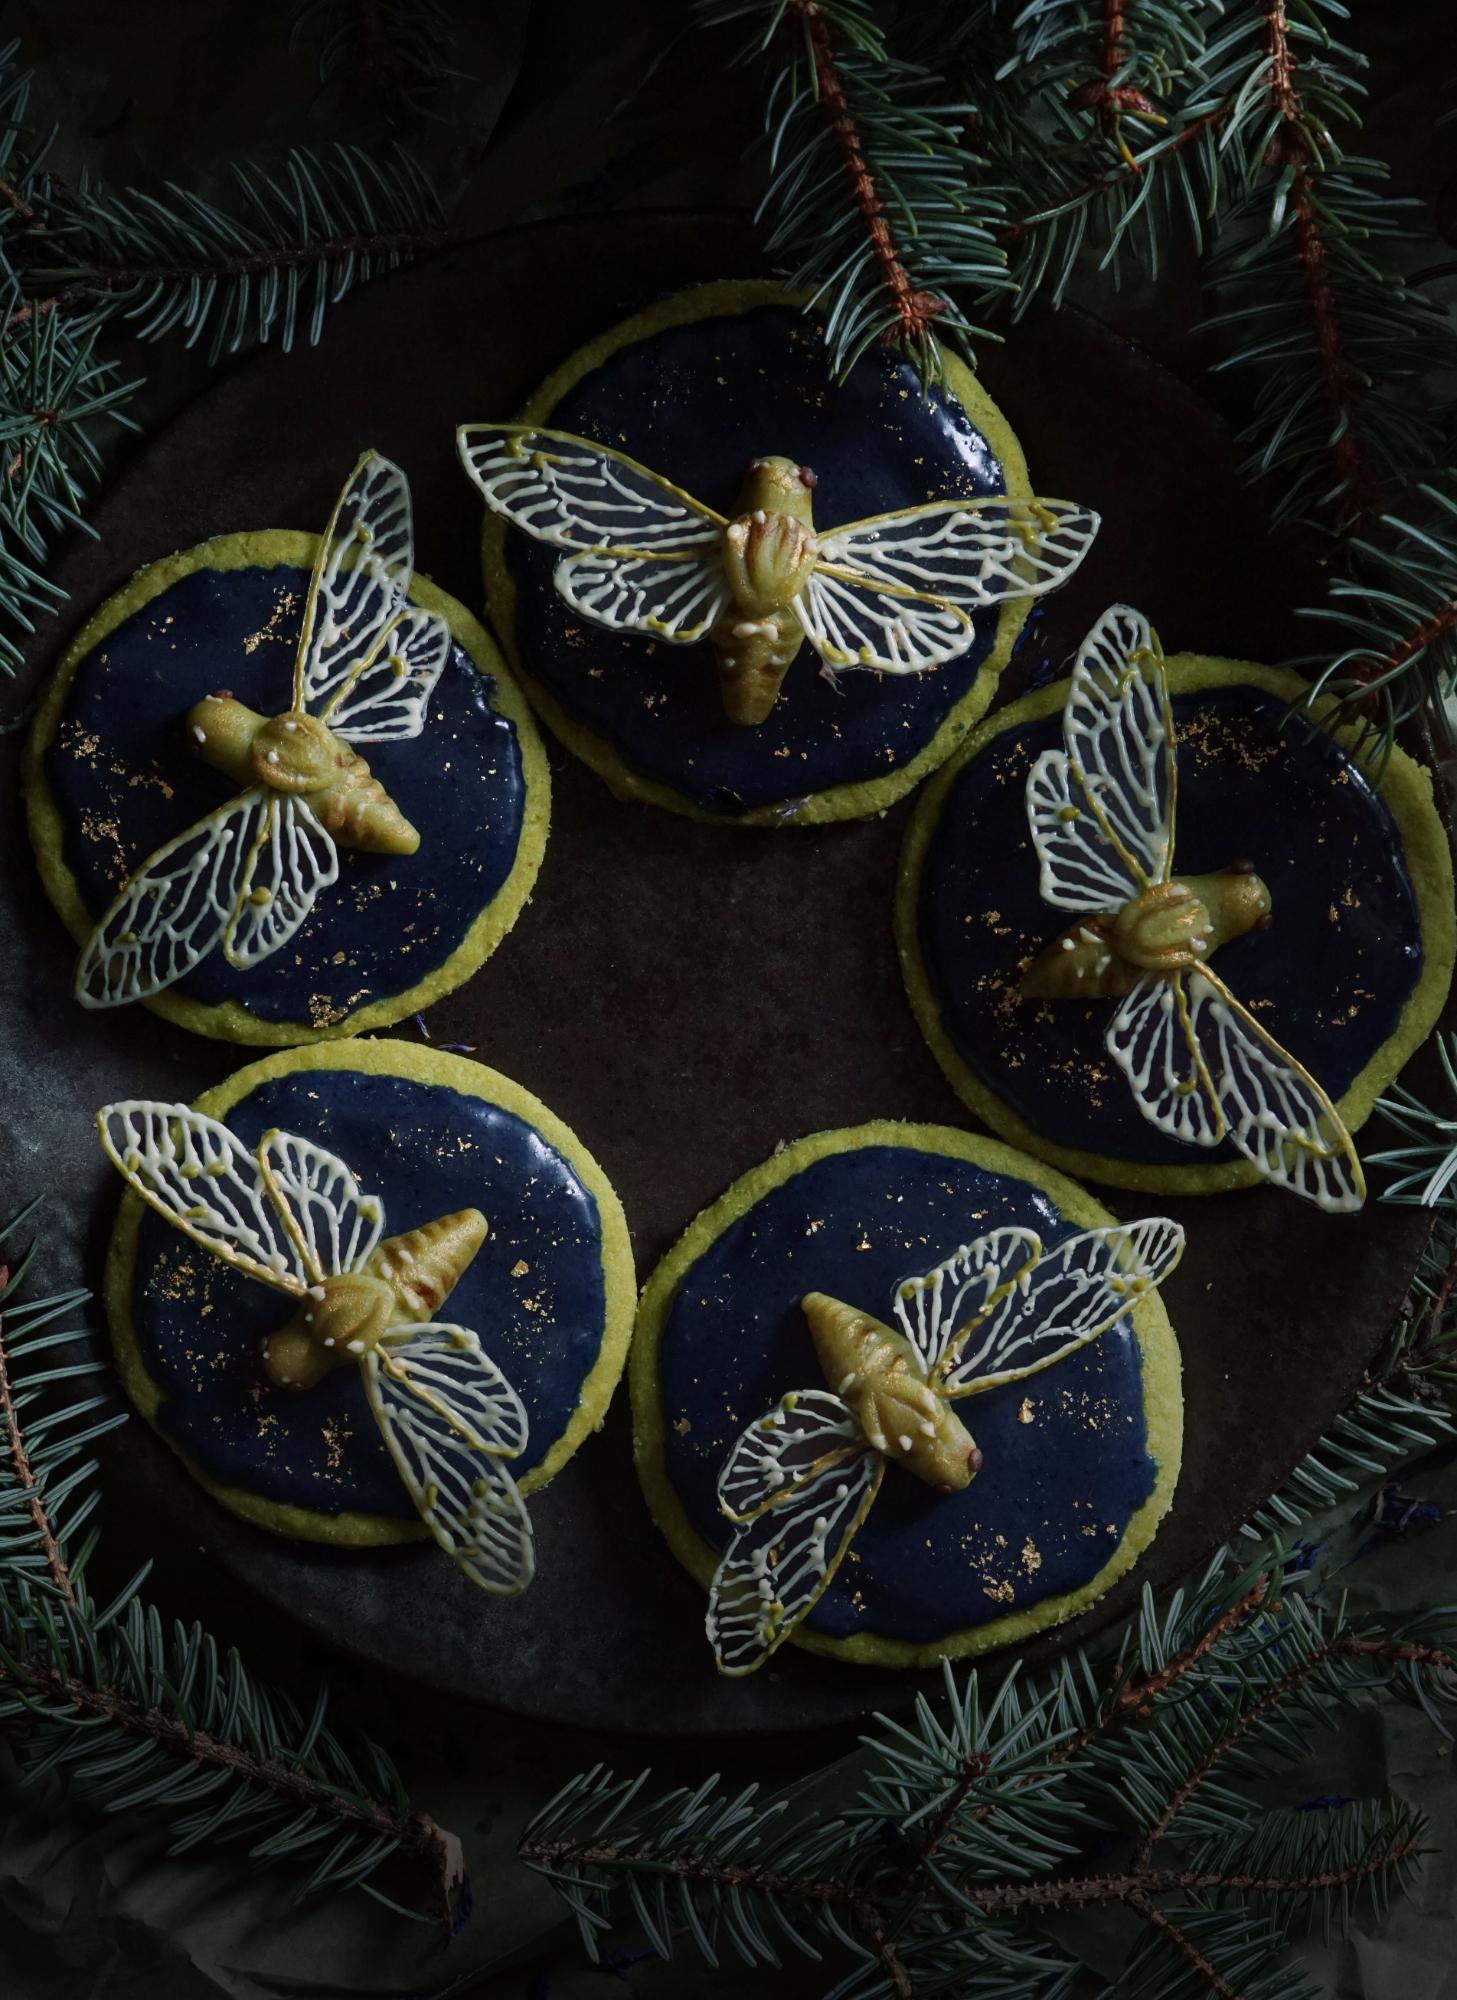 cicada cookies 6 small.jpg